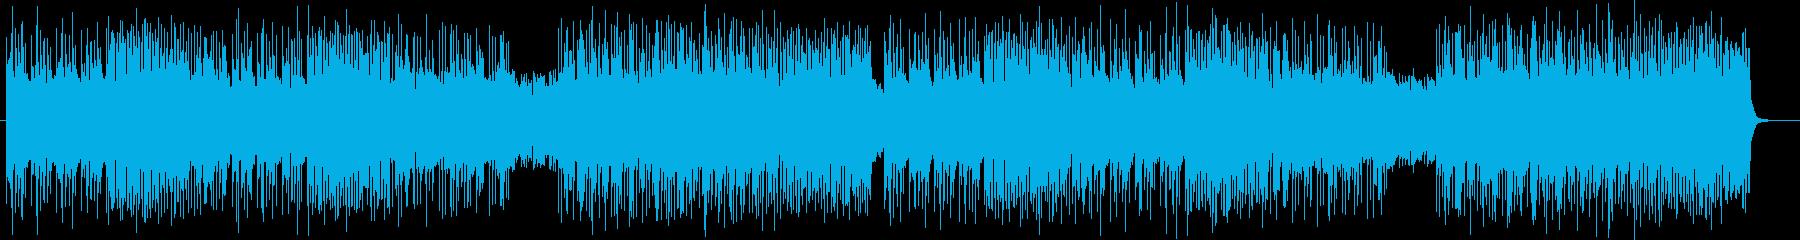 「HR/HM」「DEATH」BGM310の再生済みの波形